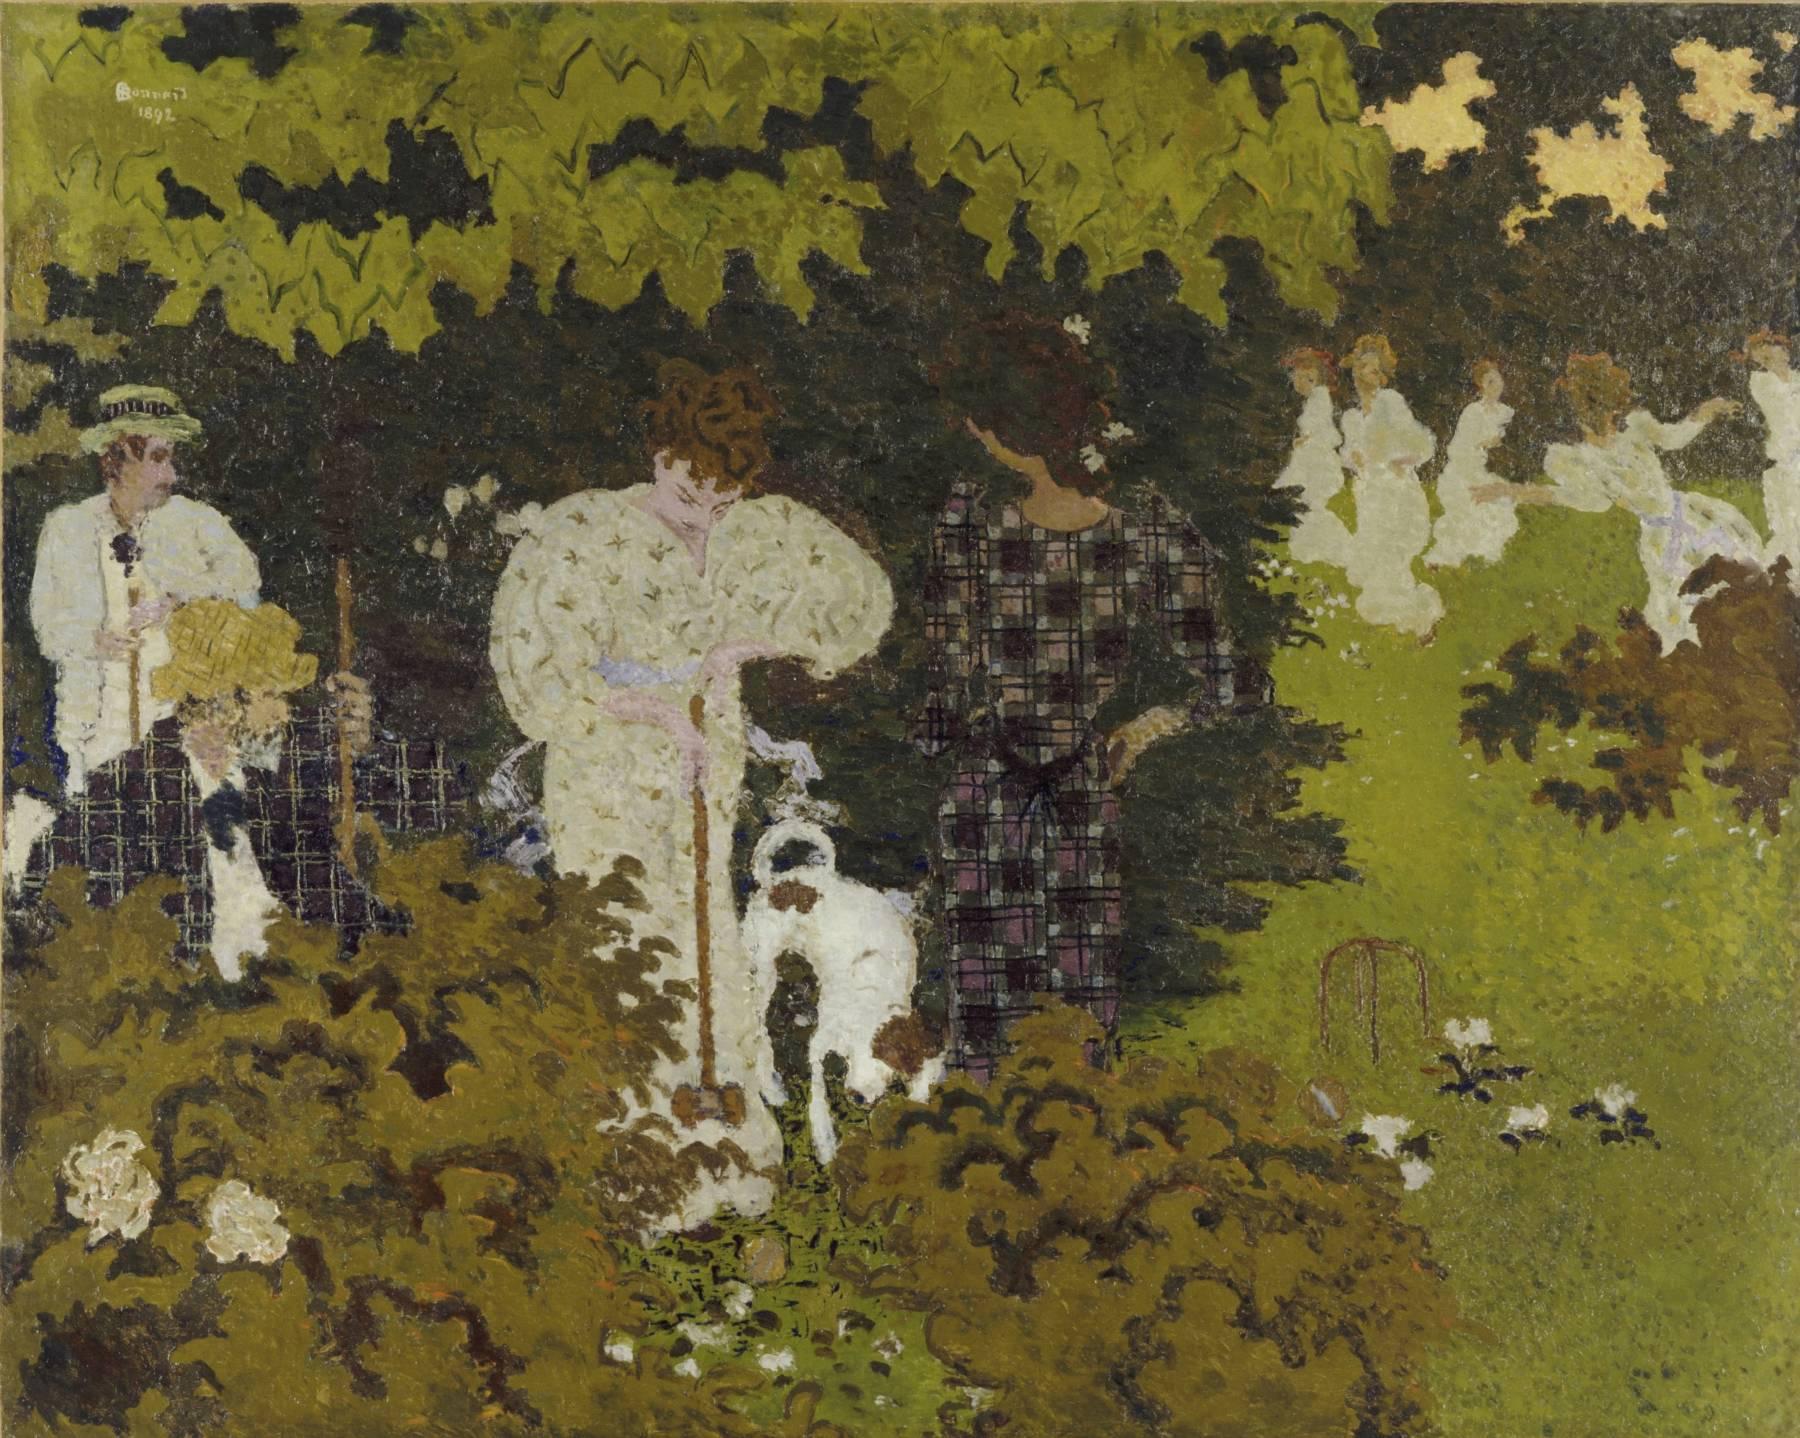 Pierre Bonnard, Crépuscule ou La Partie de croquet